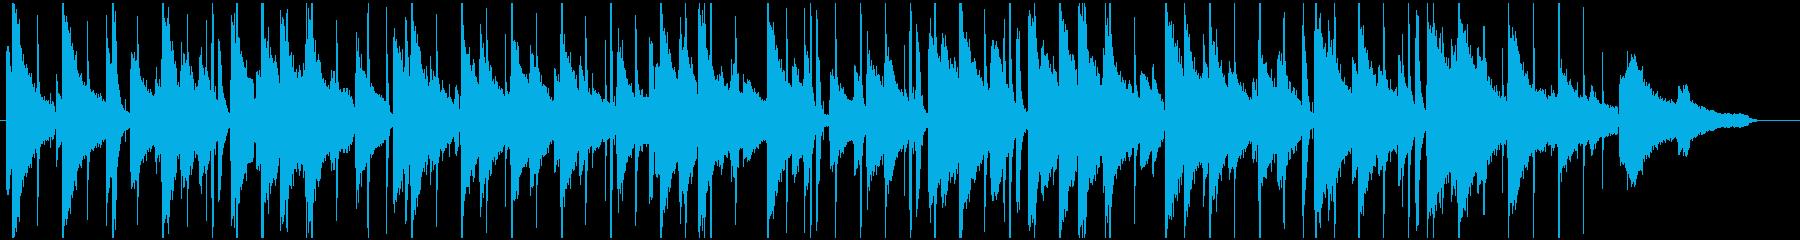 スウィート&メロウな蛍の光の再生済みの波形